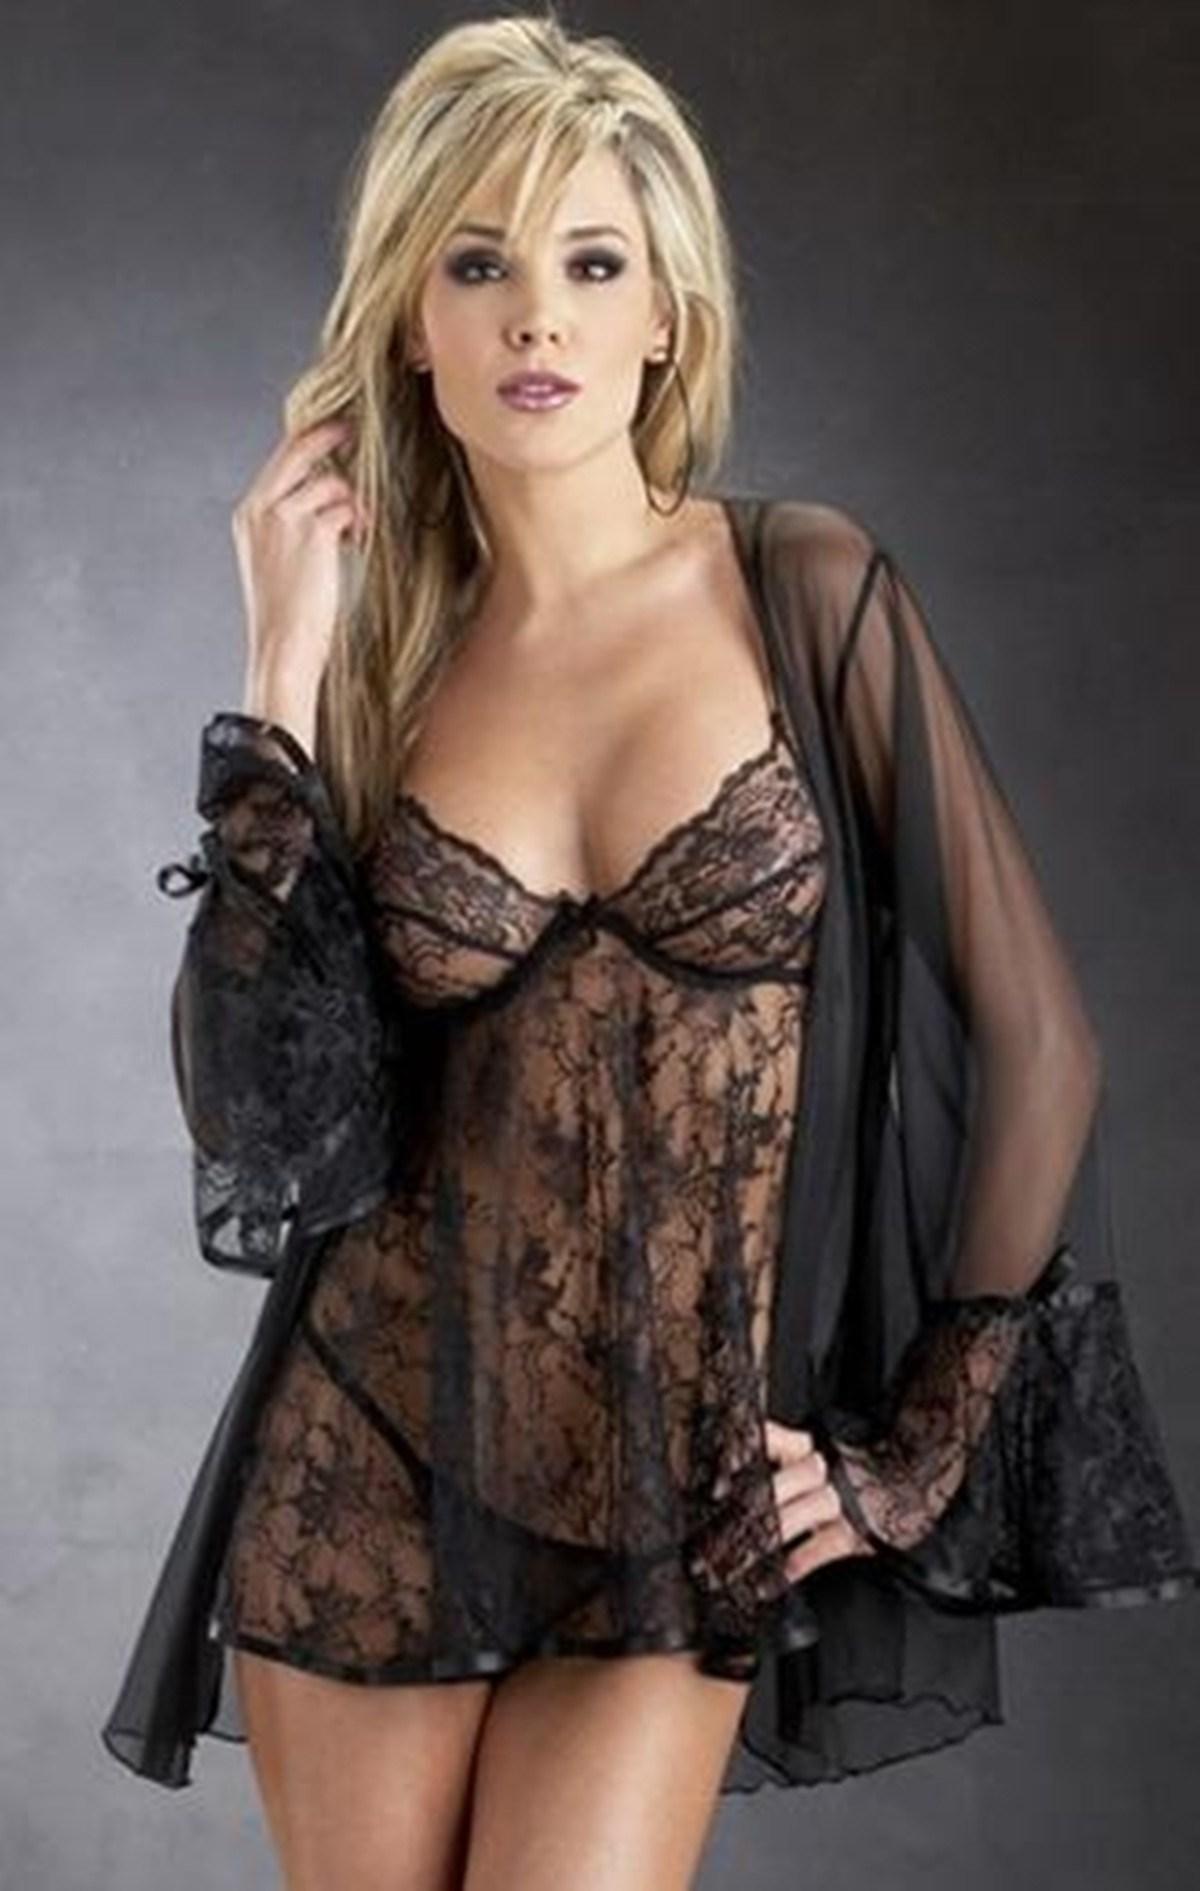 359c716bd Hot Women Lingerie Sexy Sheer Skirt Babydolls Robes Lace Teddies Lady  Underwear Sleepwear Nightwear T-022 from Majasale